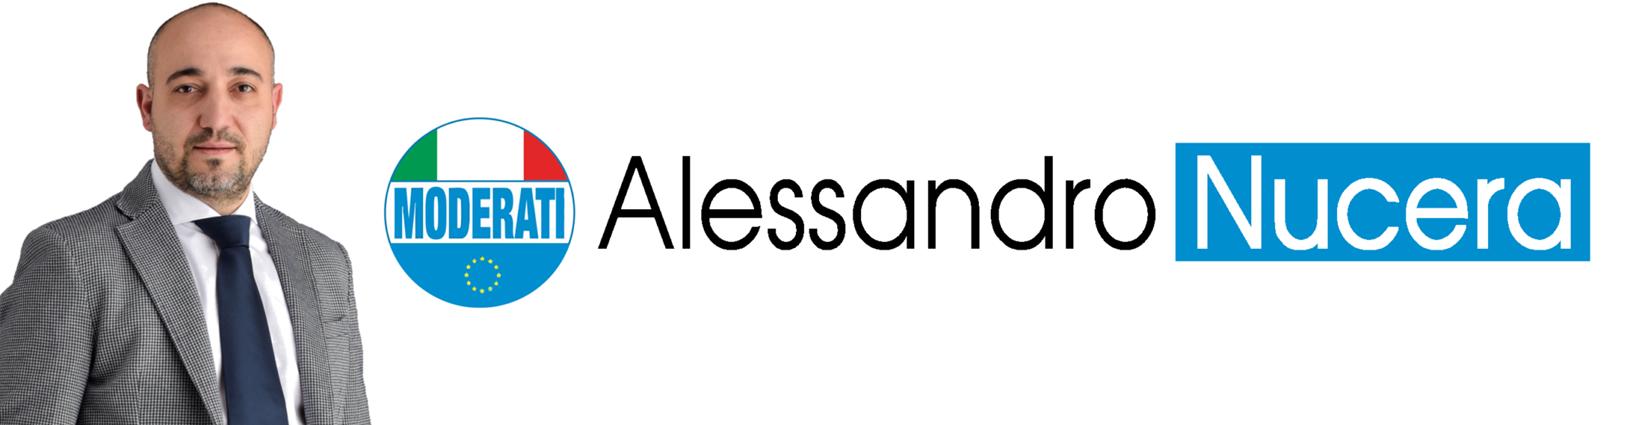 Alessandro Nucera Online